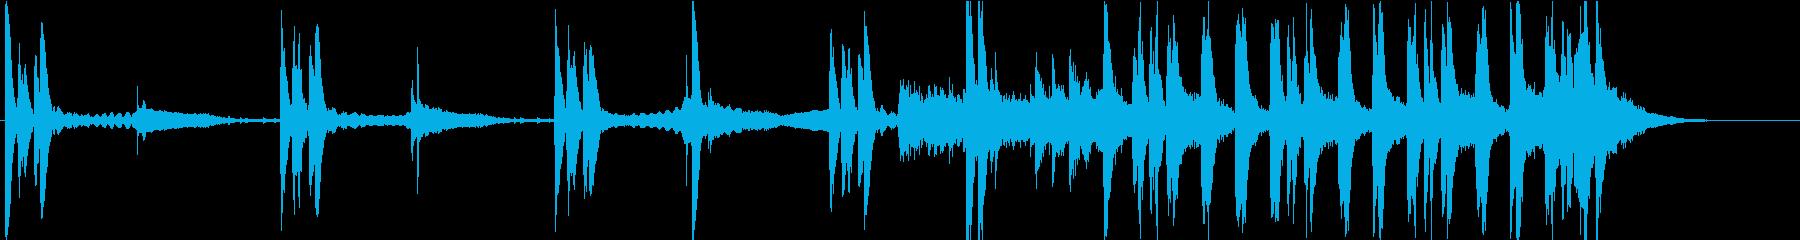 ホラー・ドッキリ・コント・イタズラの再生済みの波形